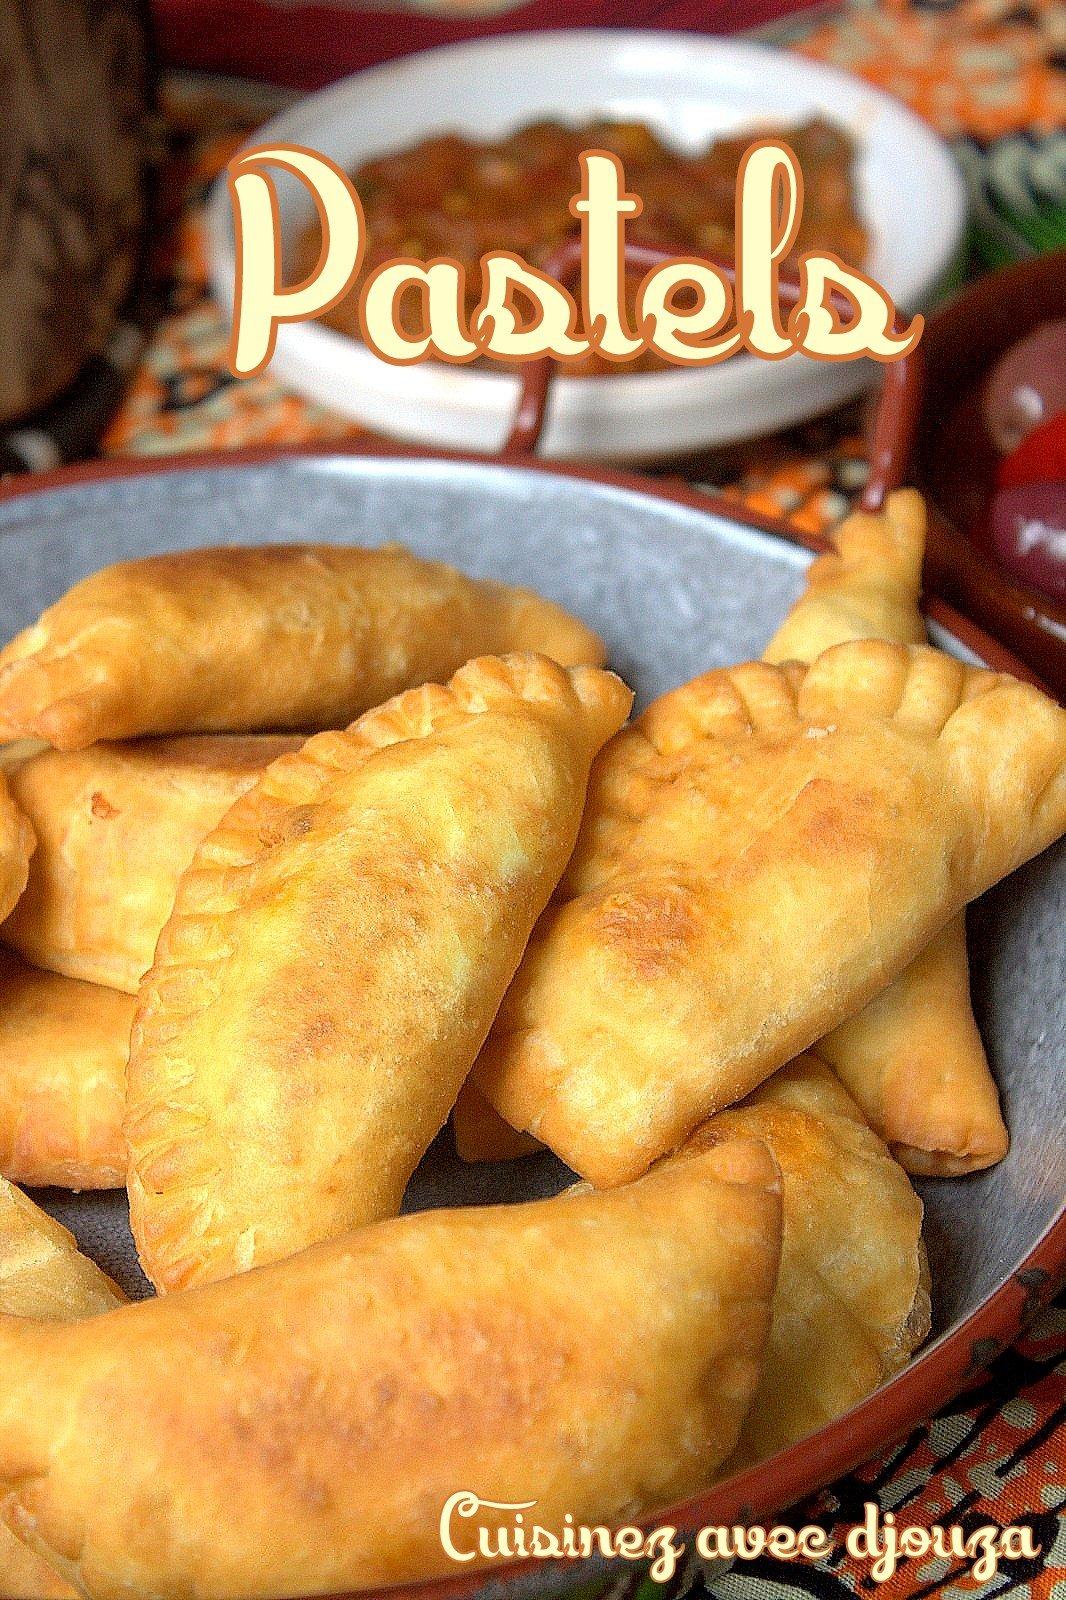 Recette pastels ou fataya senegalaise a la viande recettes faciles recettes rapides de djouza - Recette de cuisine senegalaise ...